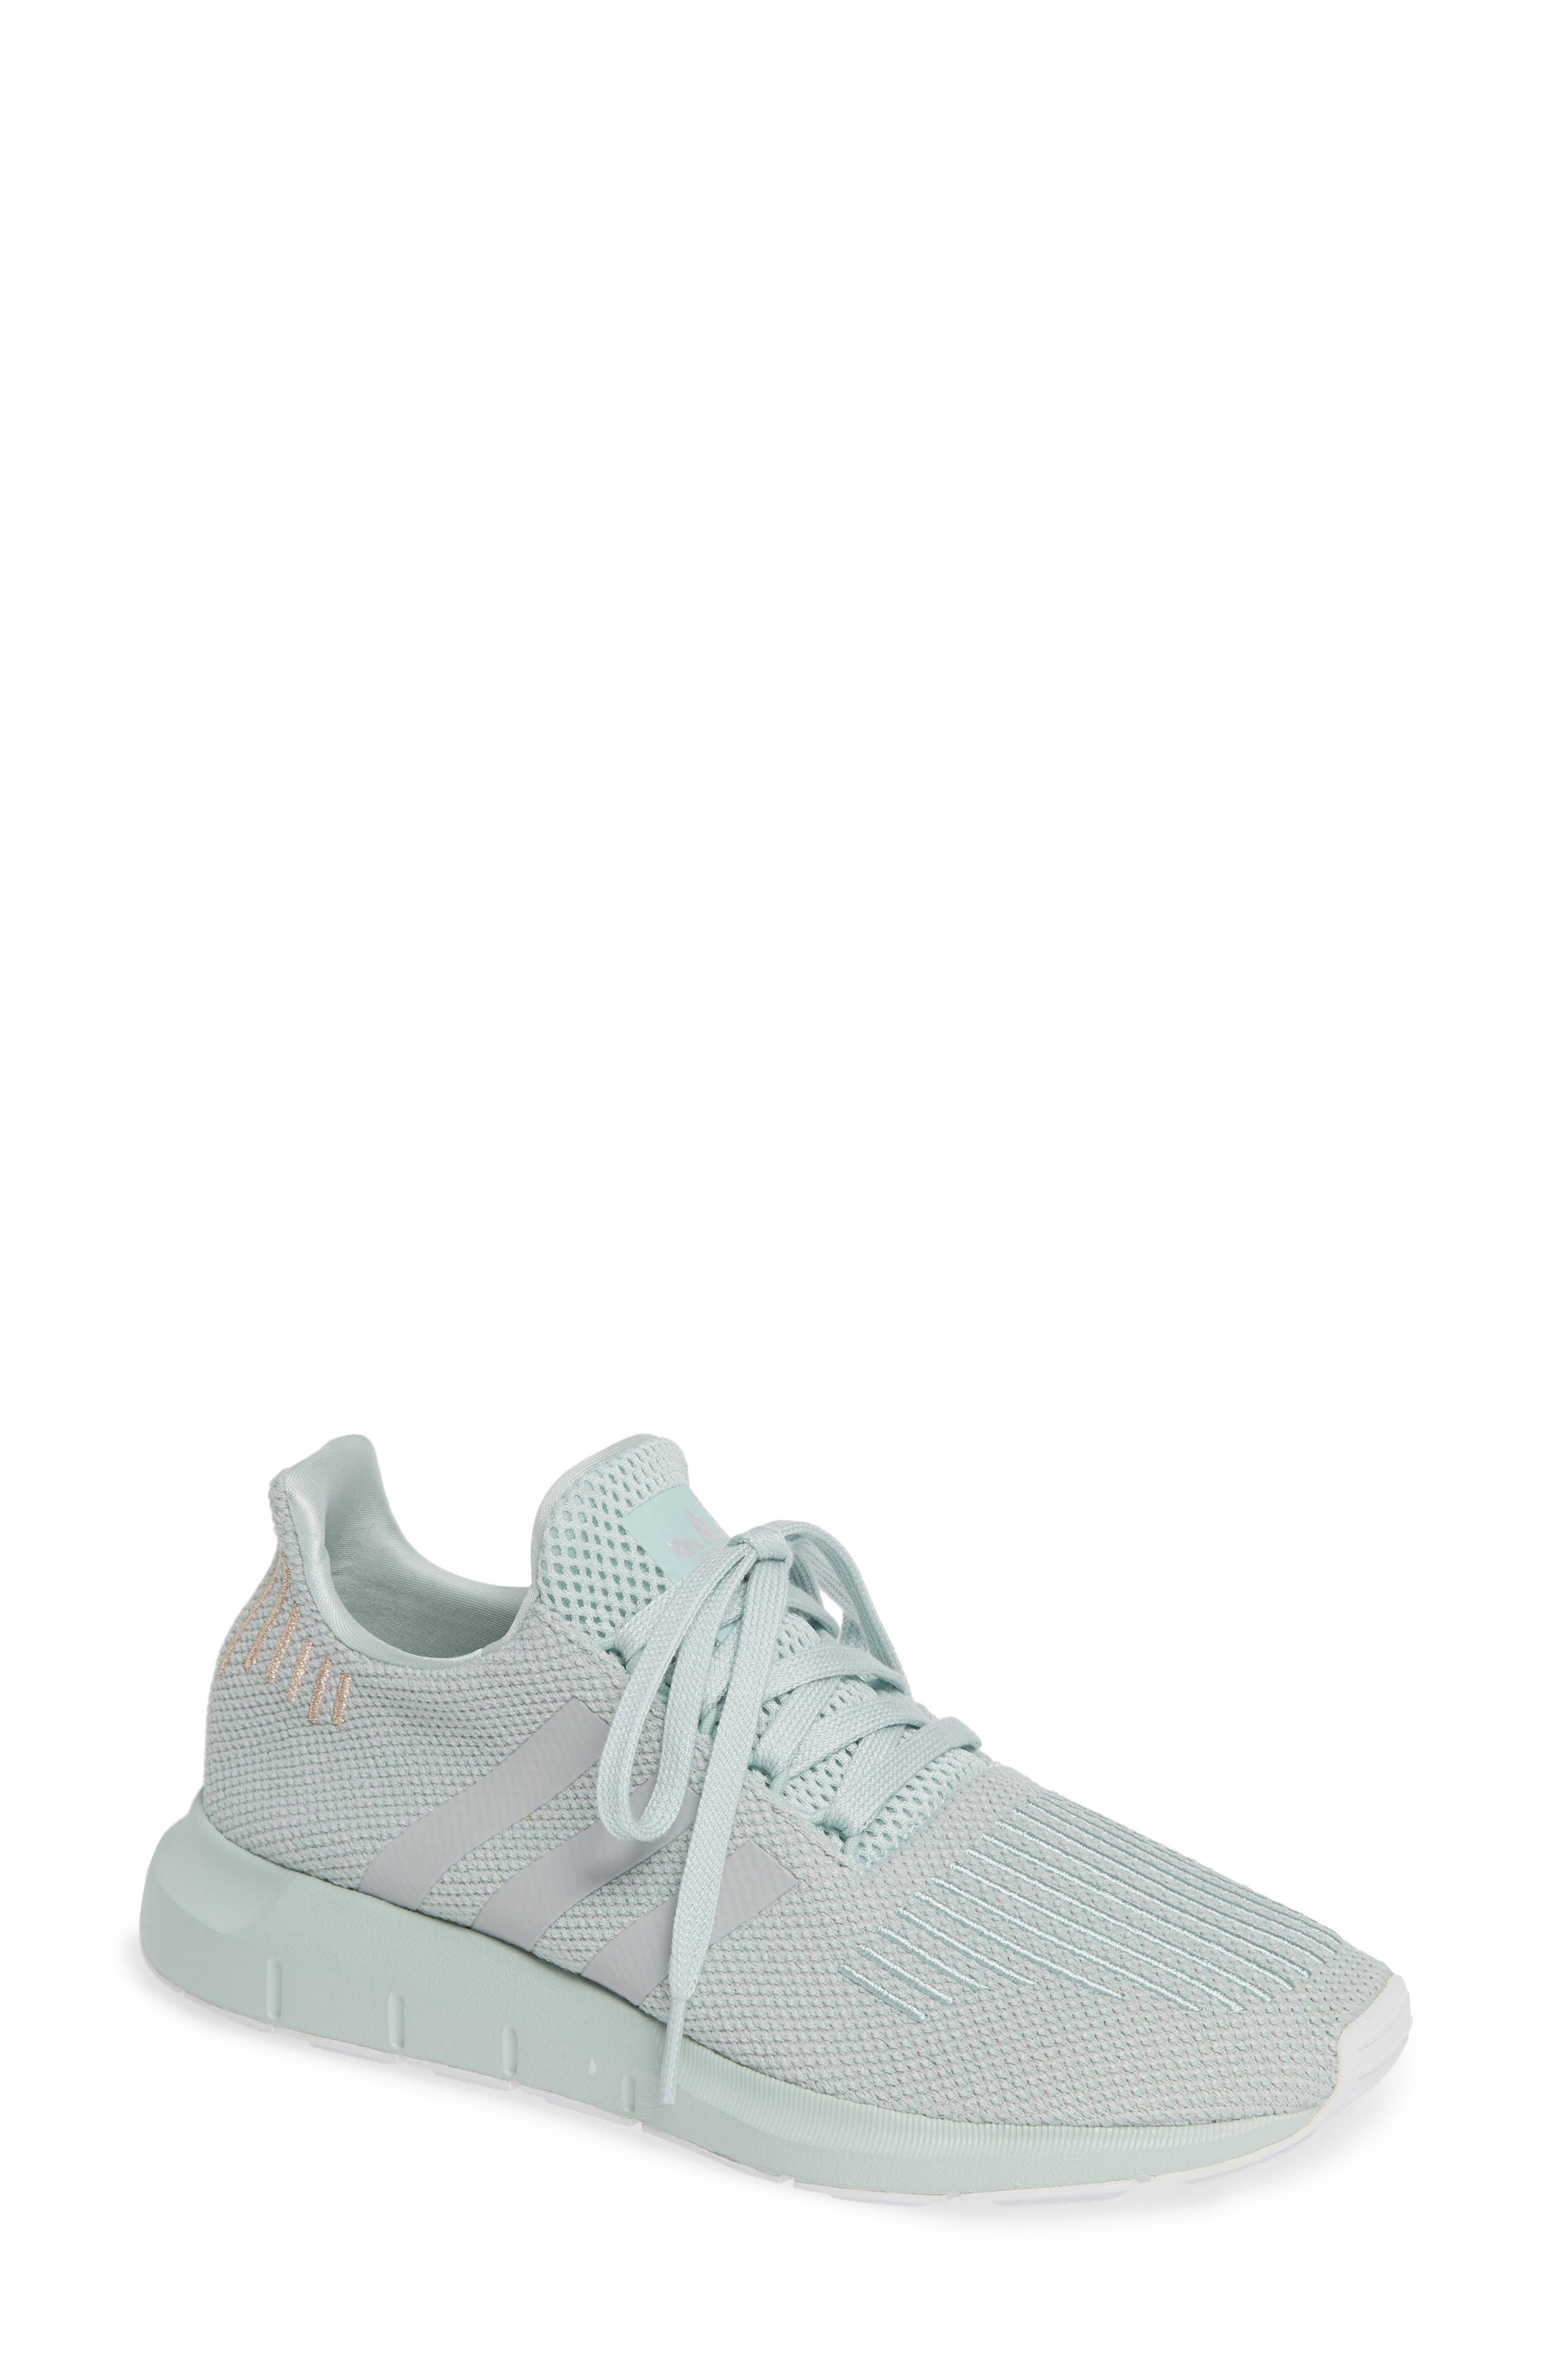 d8ddd49350c7 adidas flashback winter shoes grey